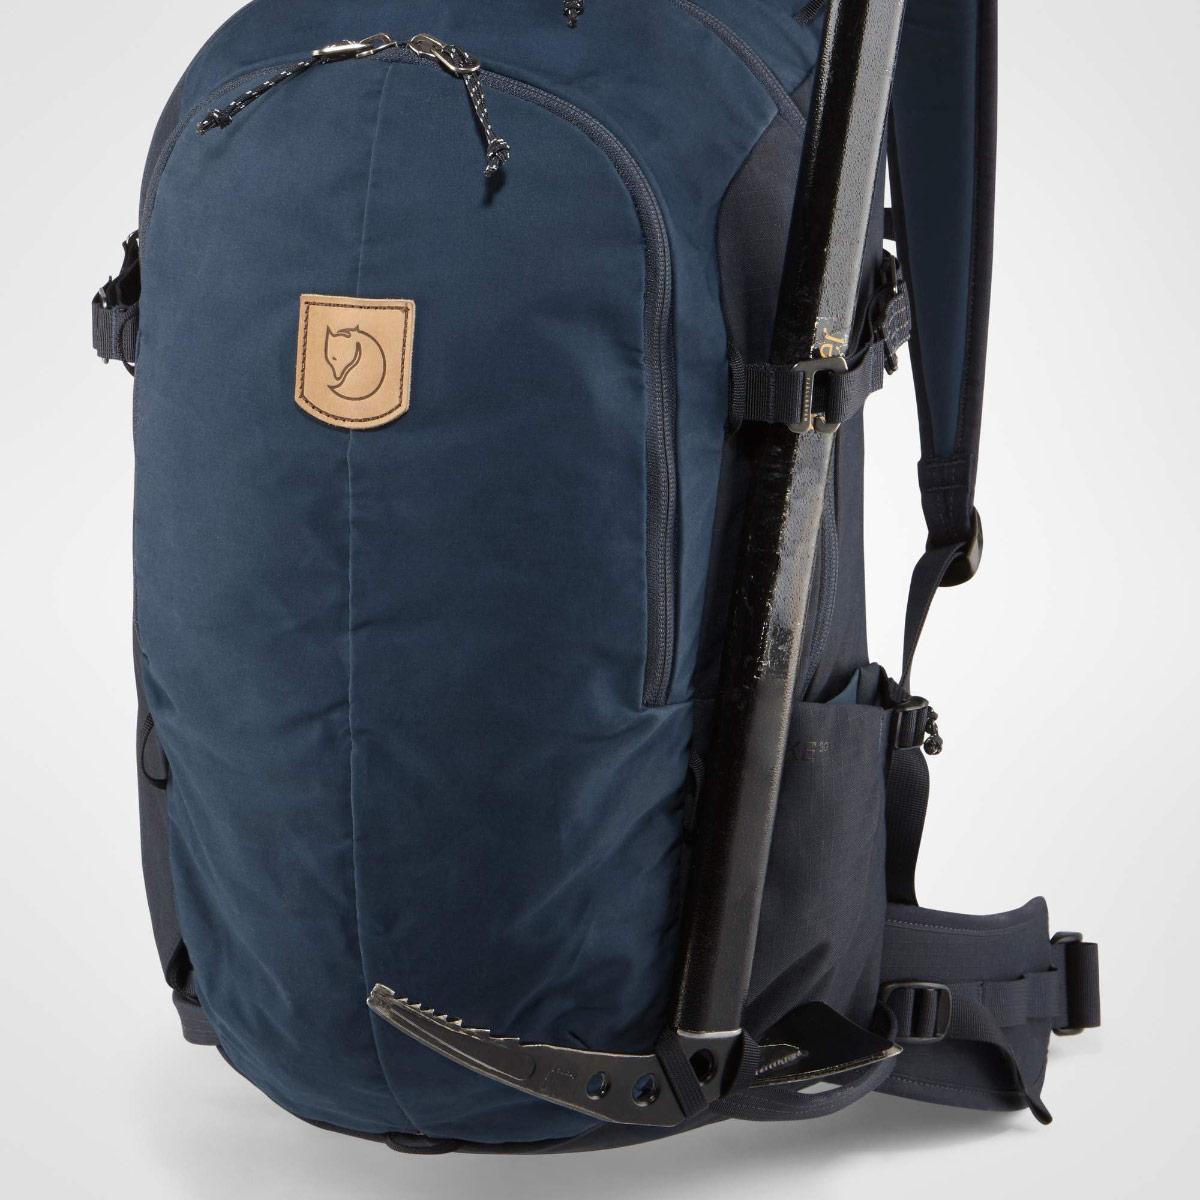 2ed614174879 Fjallraven Keb Hike способен заменить сразу три рюкзака в арсенале любителя  активного отдыха, который совмещает несколько увлечений.